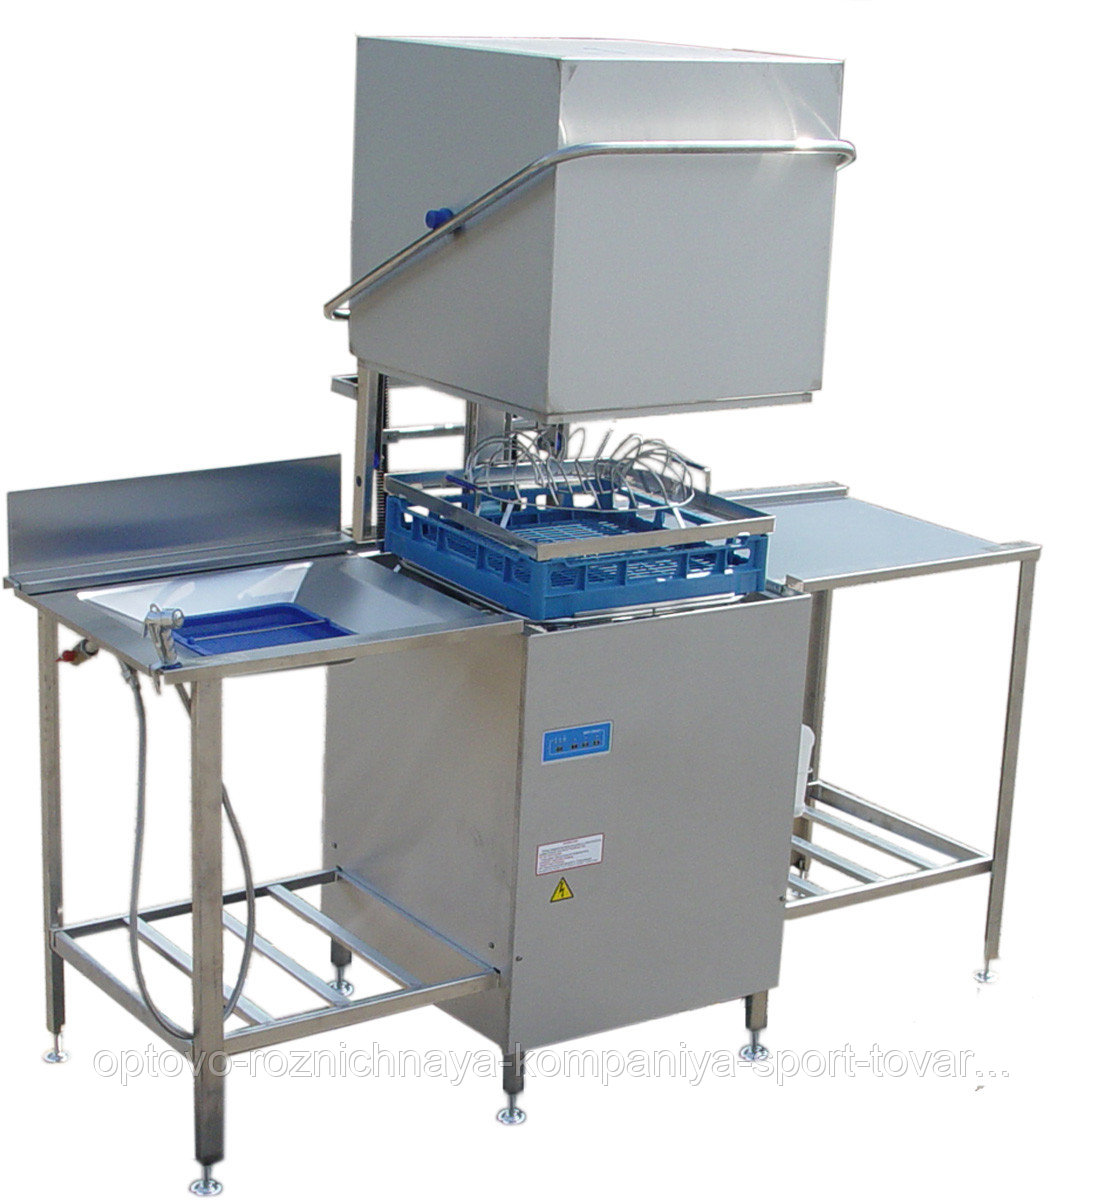 Машина посудомоечная купольная МПУ-700-01 (в комплекте со столом загрузки и столом разгрузки) (1860x800x1400мм